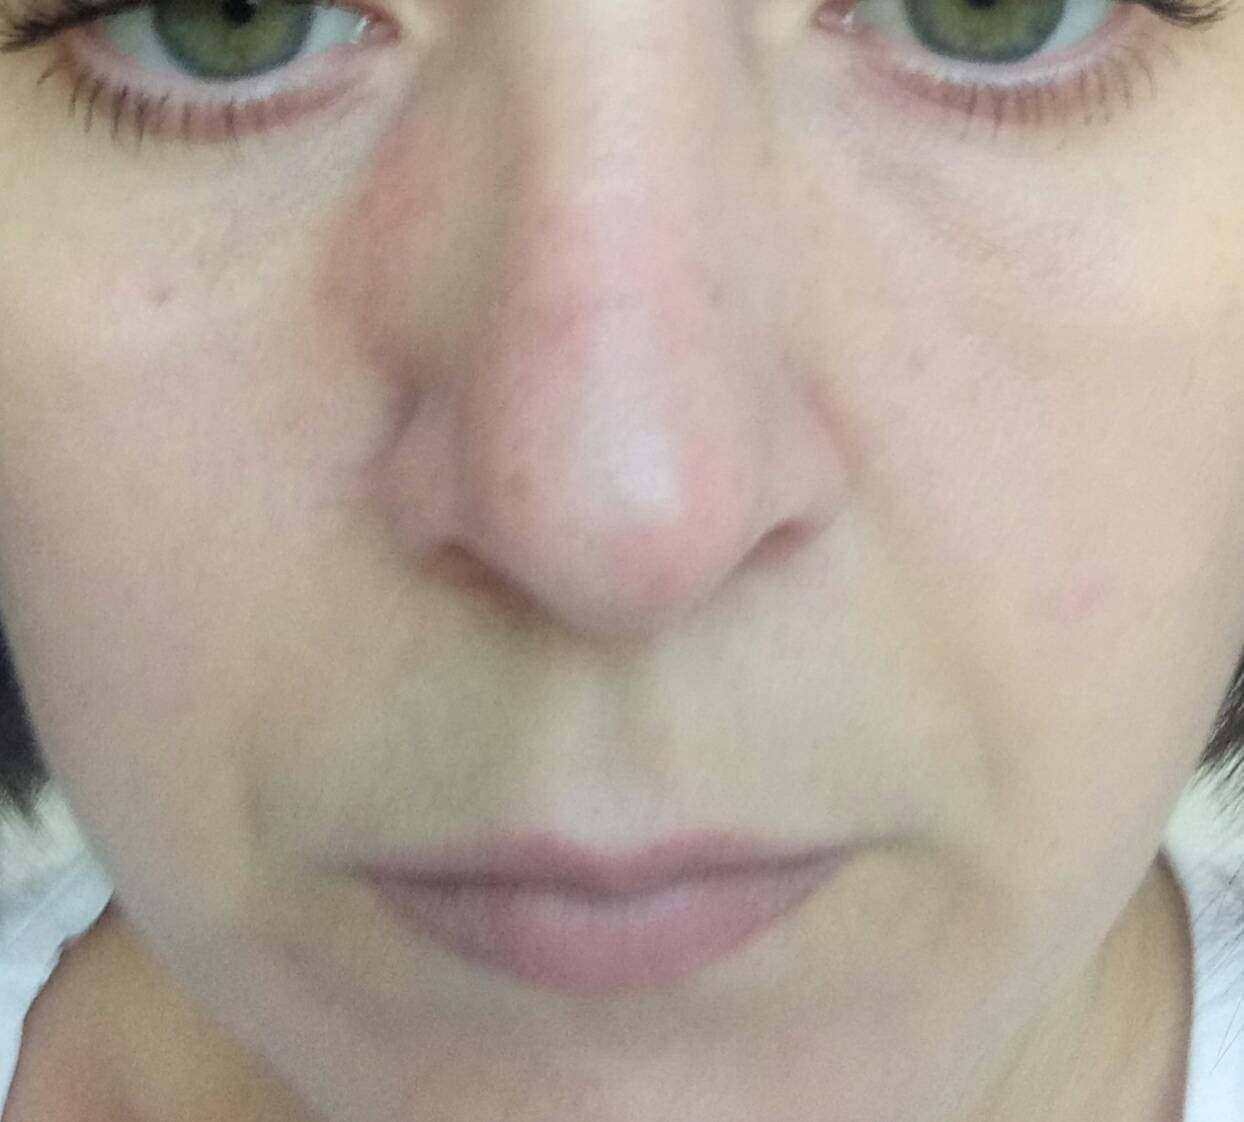 опухоль носа симптомы